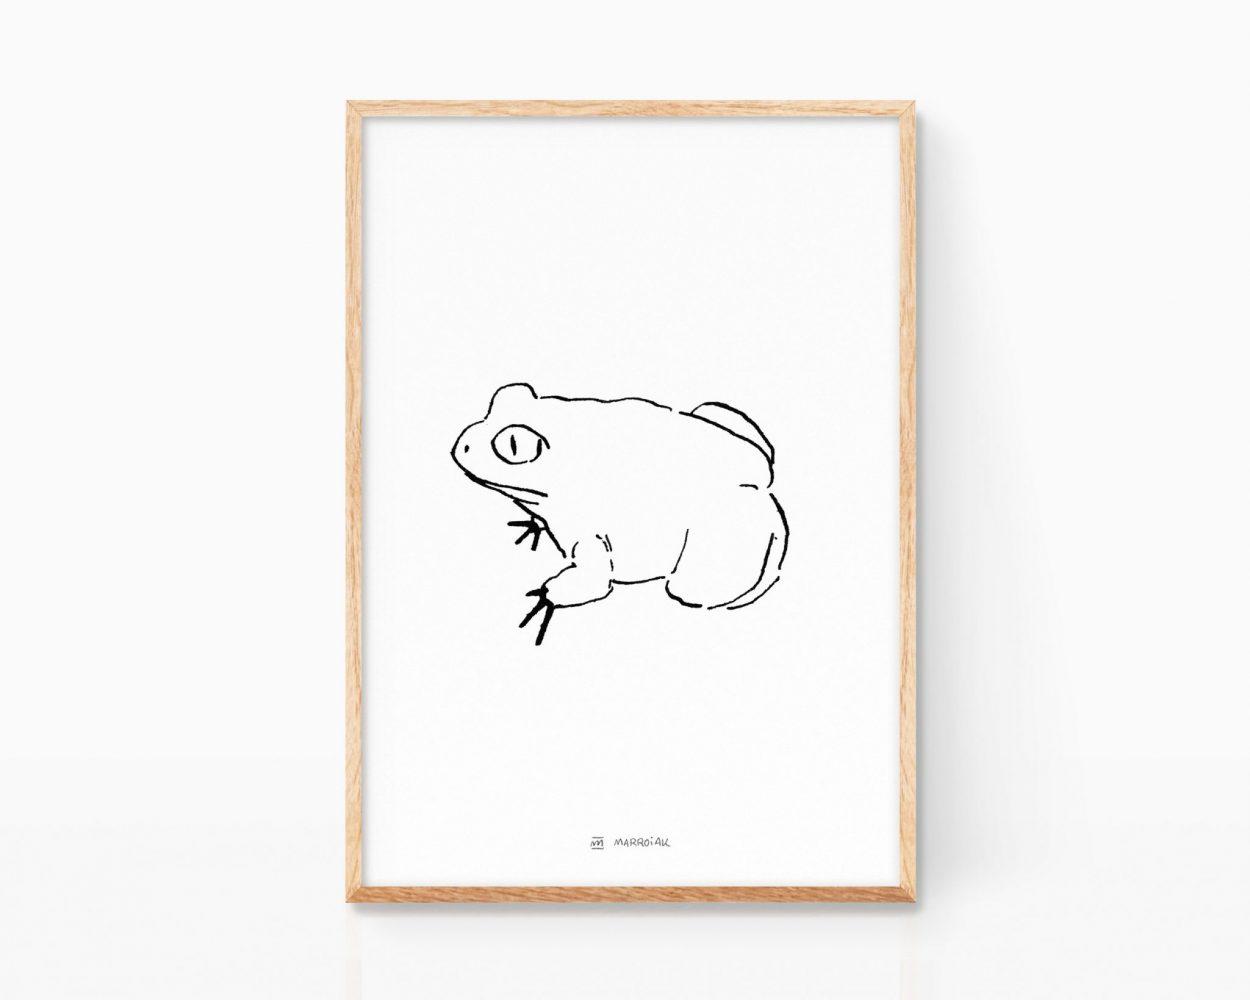 Lámina ilustración en blanco y negro rana comun. Estilo mamarracho minimalista. Tinta sobre papel